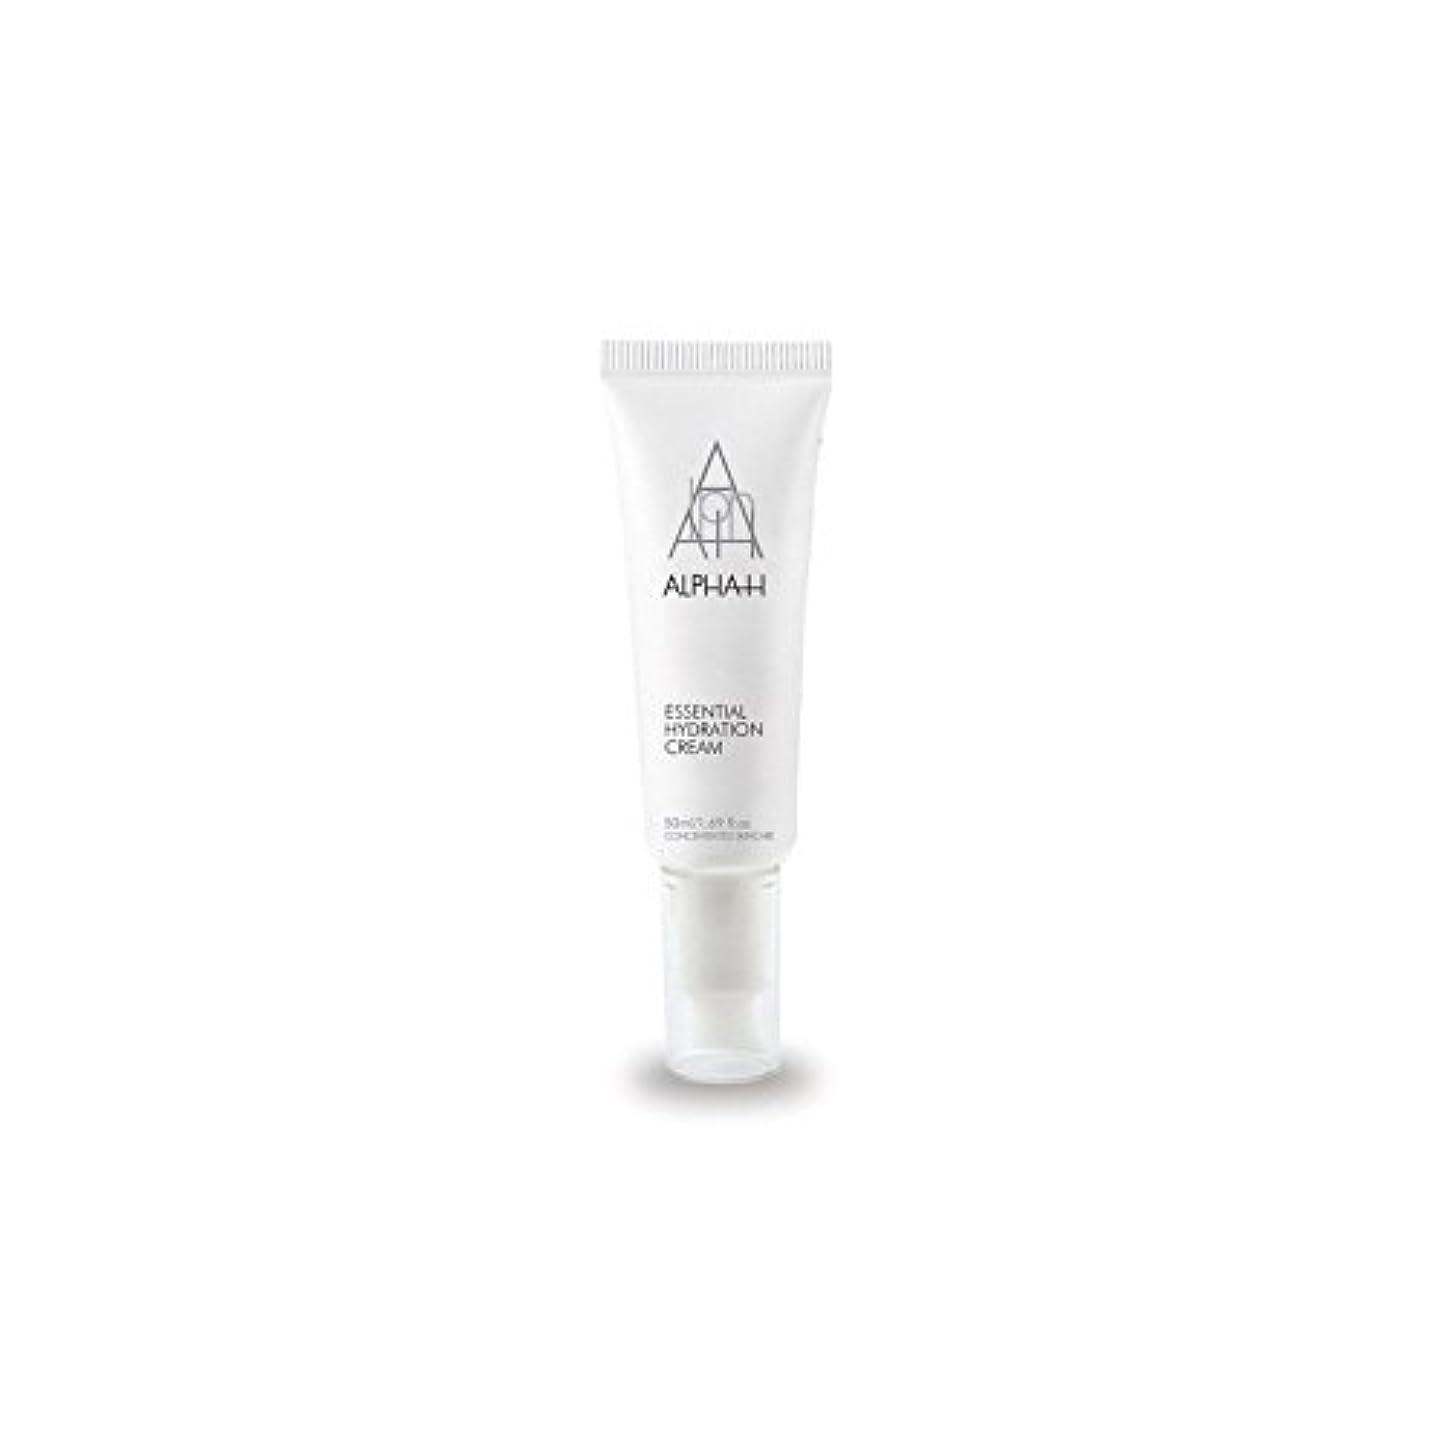 アンテナいつバターアルファ必須水和クリーム(50)中 x2 - Alpha-H Essential Hydration Cream (50ml) (Pack of 2) [並行輸入品]